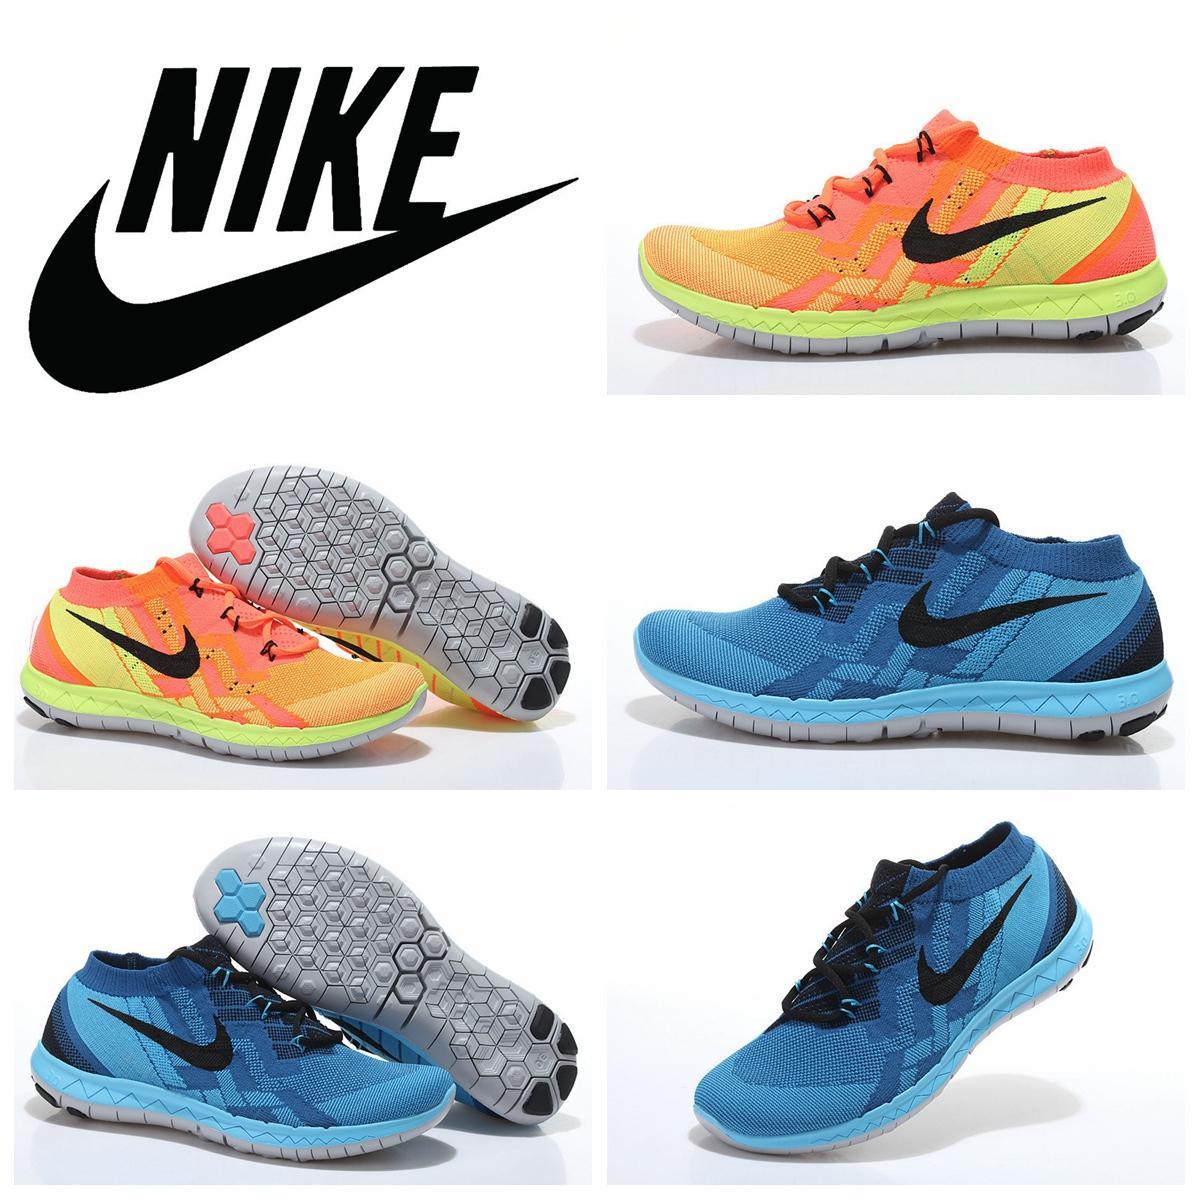 Acheter Nike Libre 3 0 Flyknit Ukraine